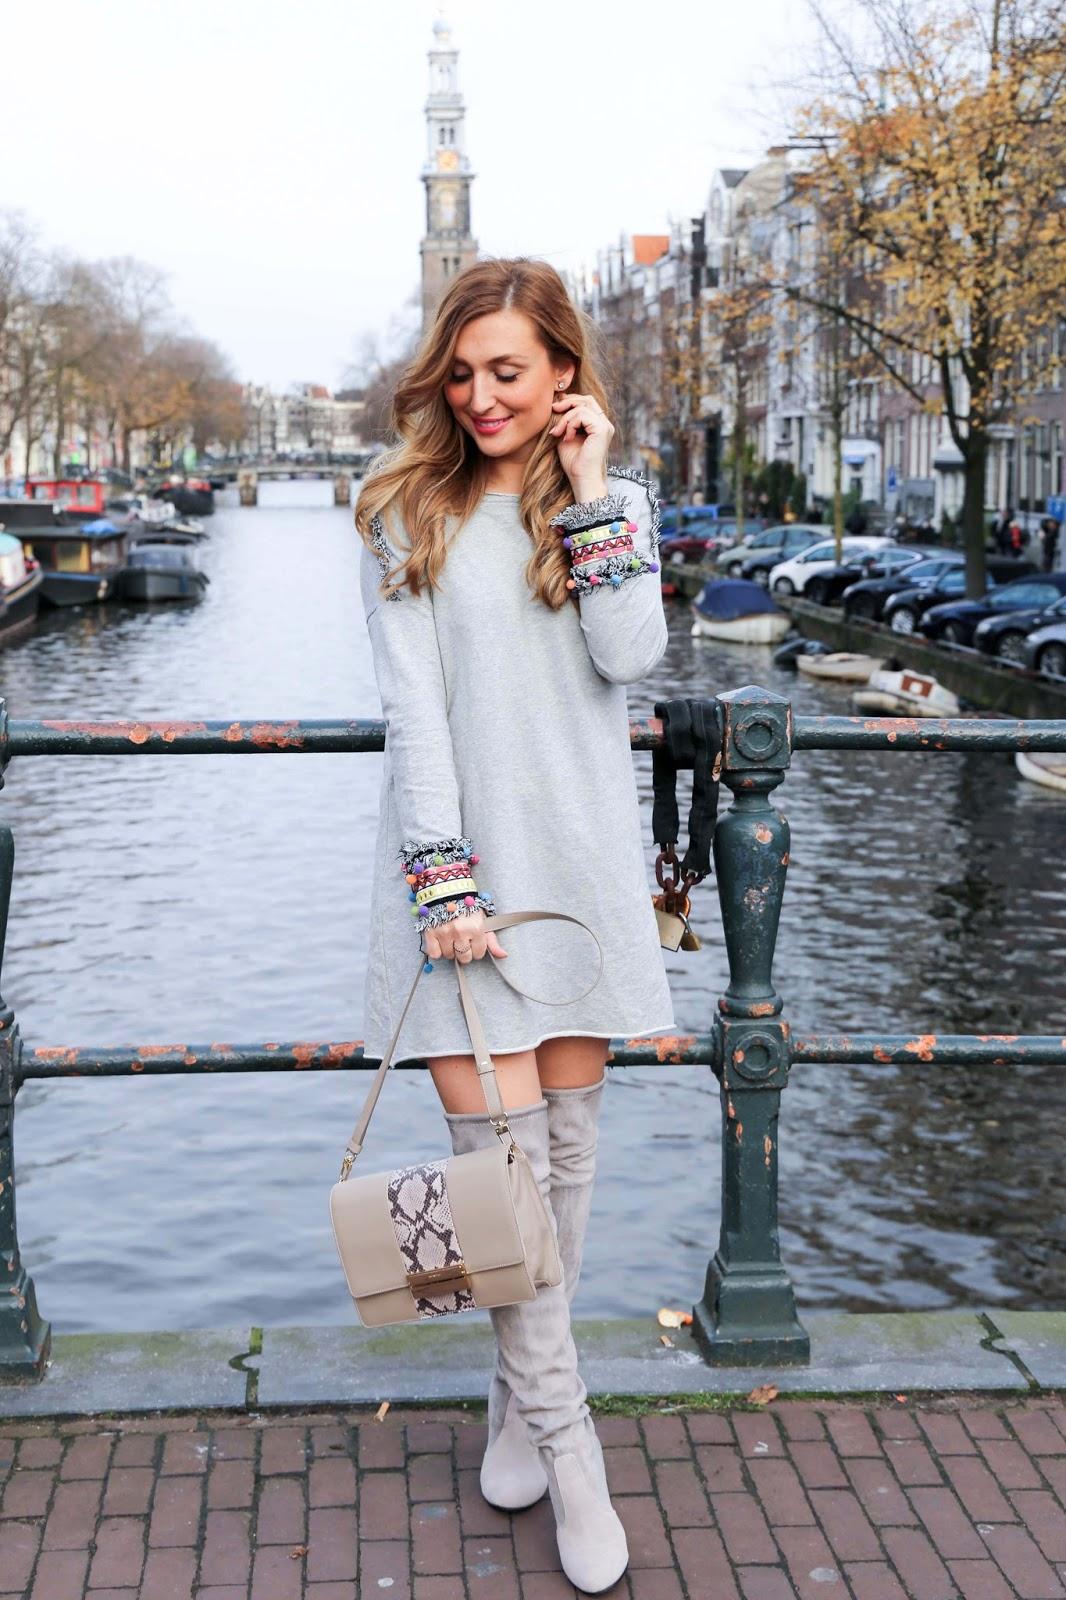 fashionblogger-beautyblogger-blogger-aus-deutschland-fashionstylebyjohanna-sheinside-shein